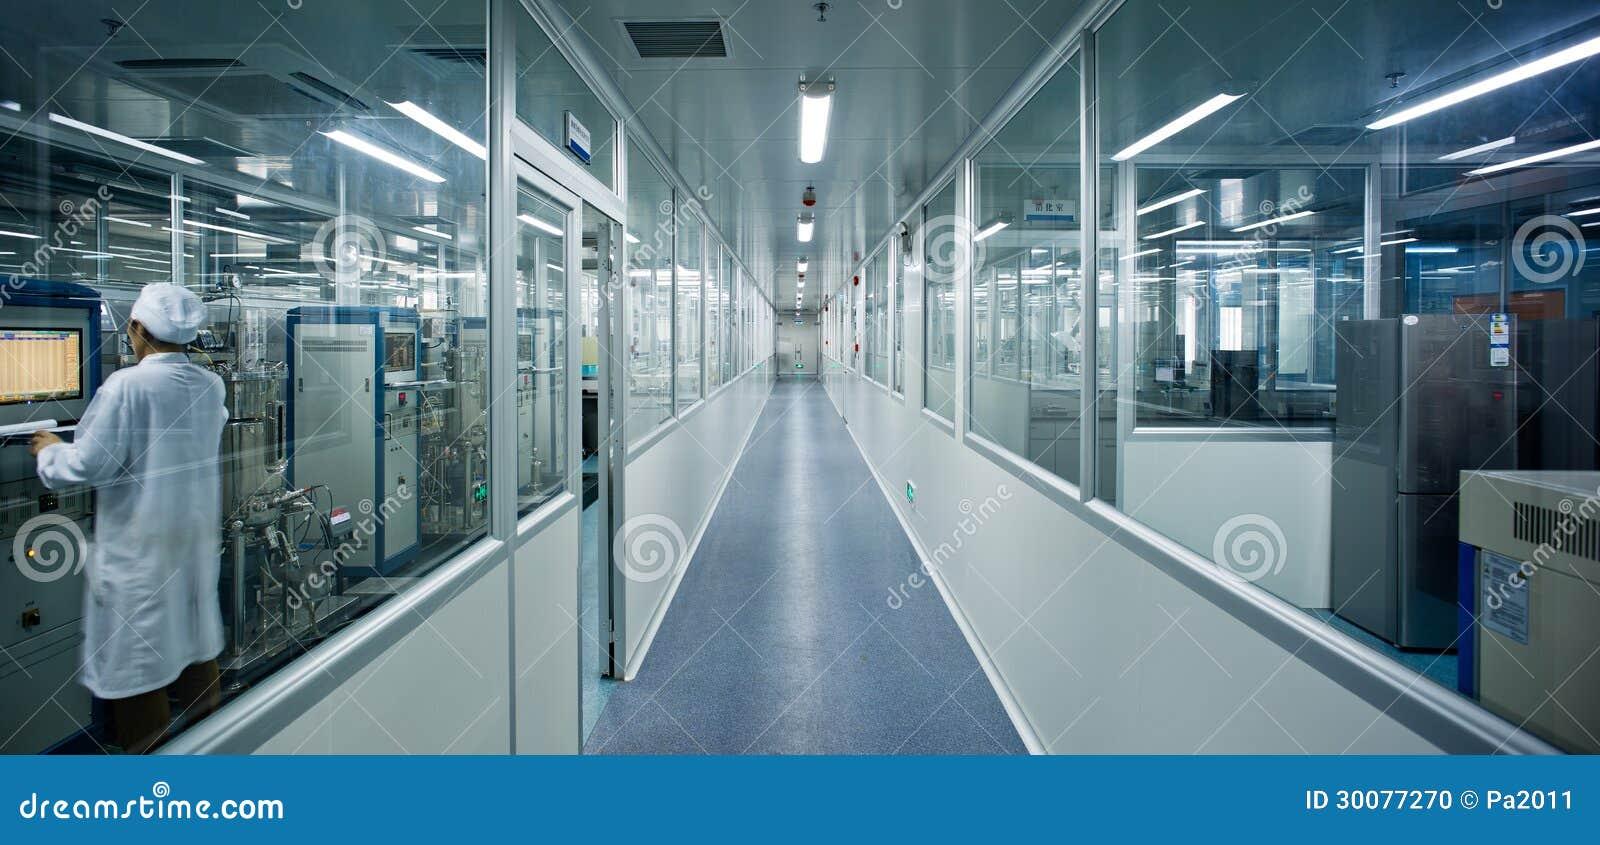 Mediziner im Labor